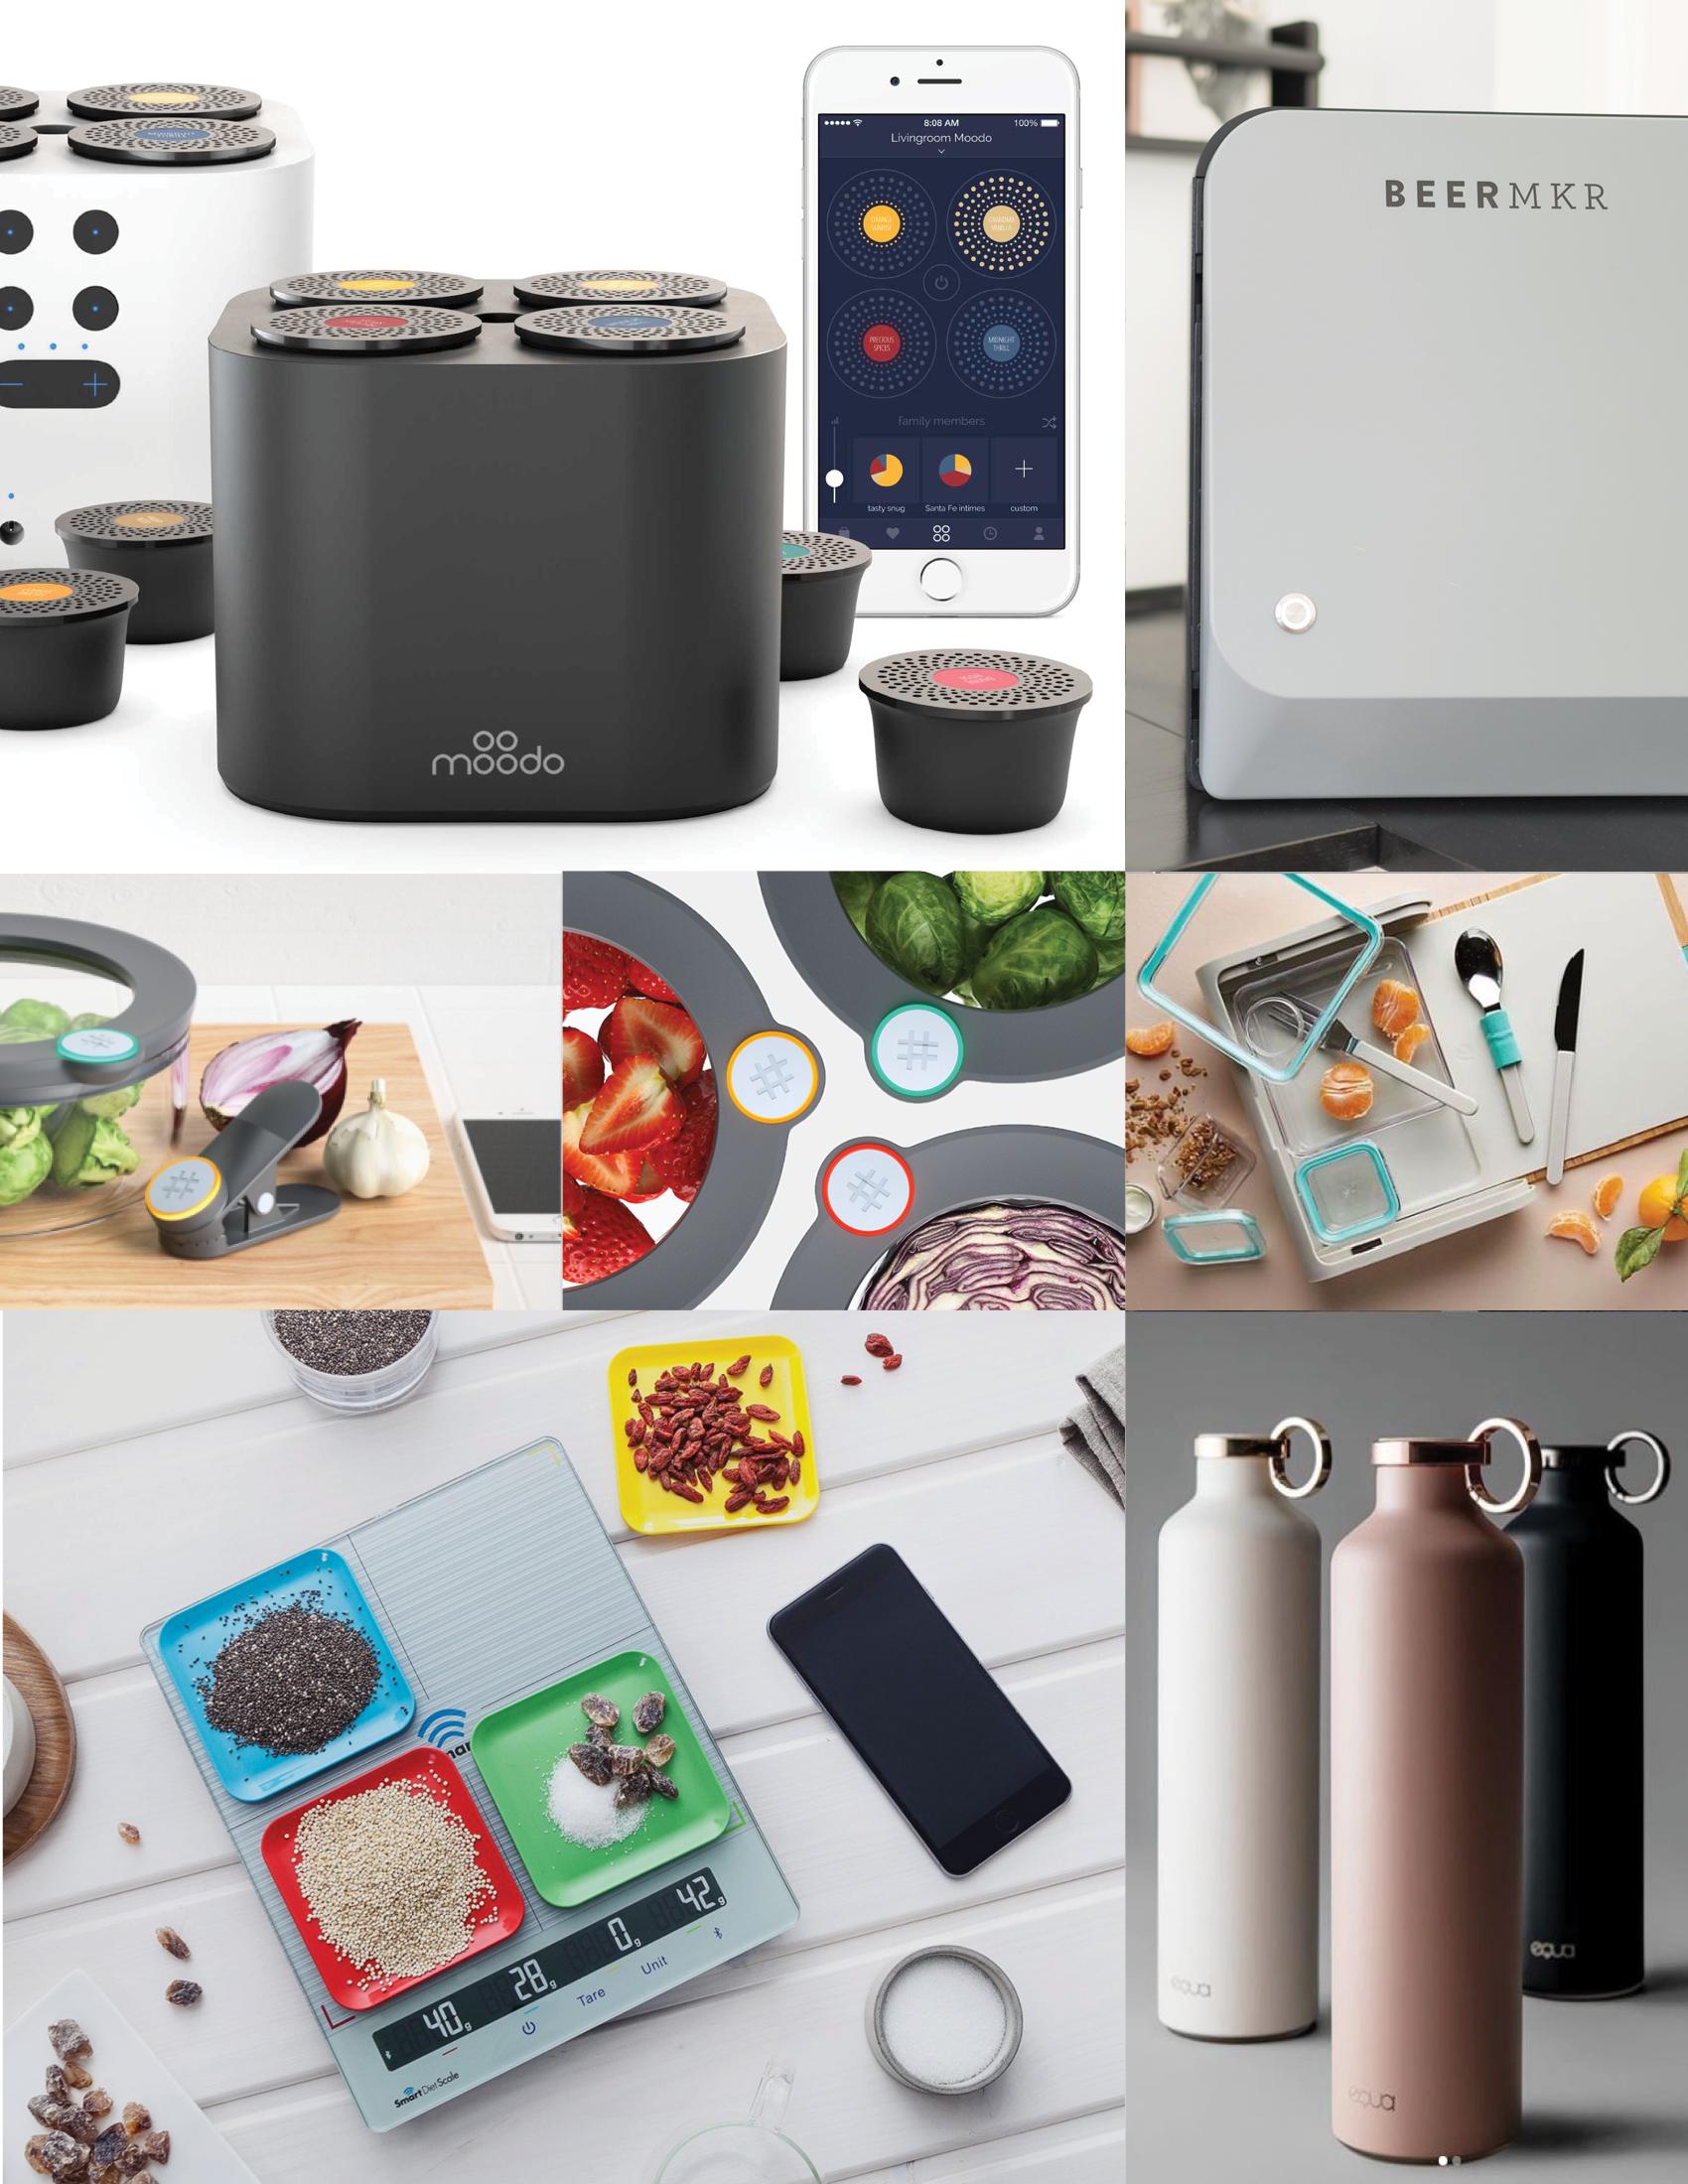 HousewaresShow_2019_Trends_A.jpg